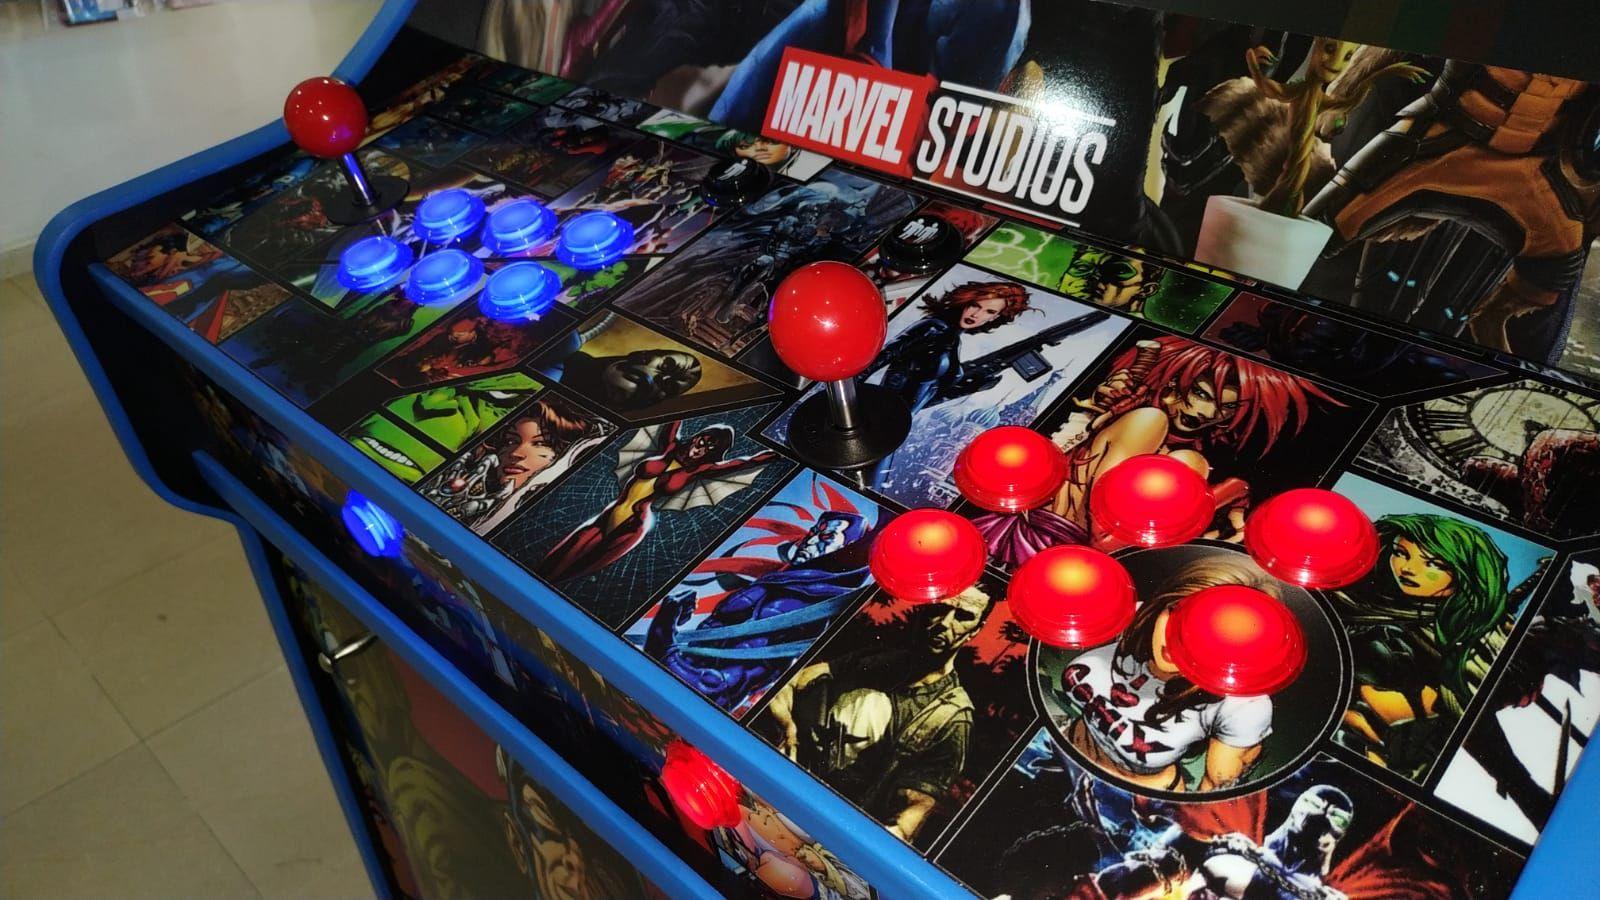 Foto 4 de Fabricación personalizada de máquinas Arcade en Sevilla | Mundo Arcade Sevilla